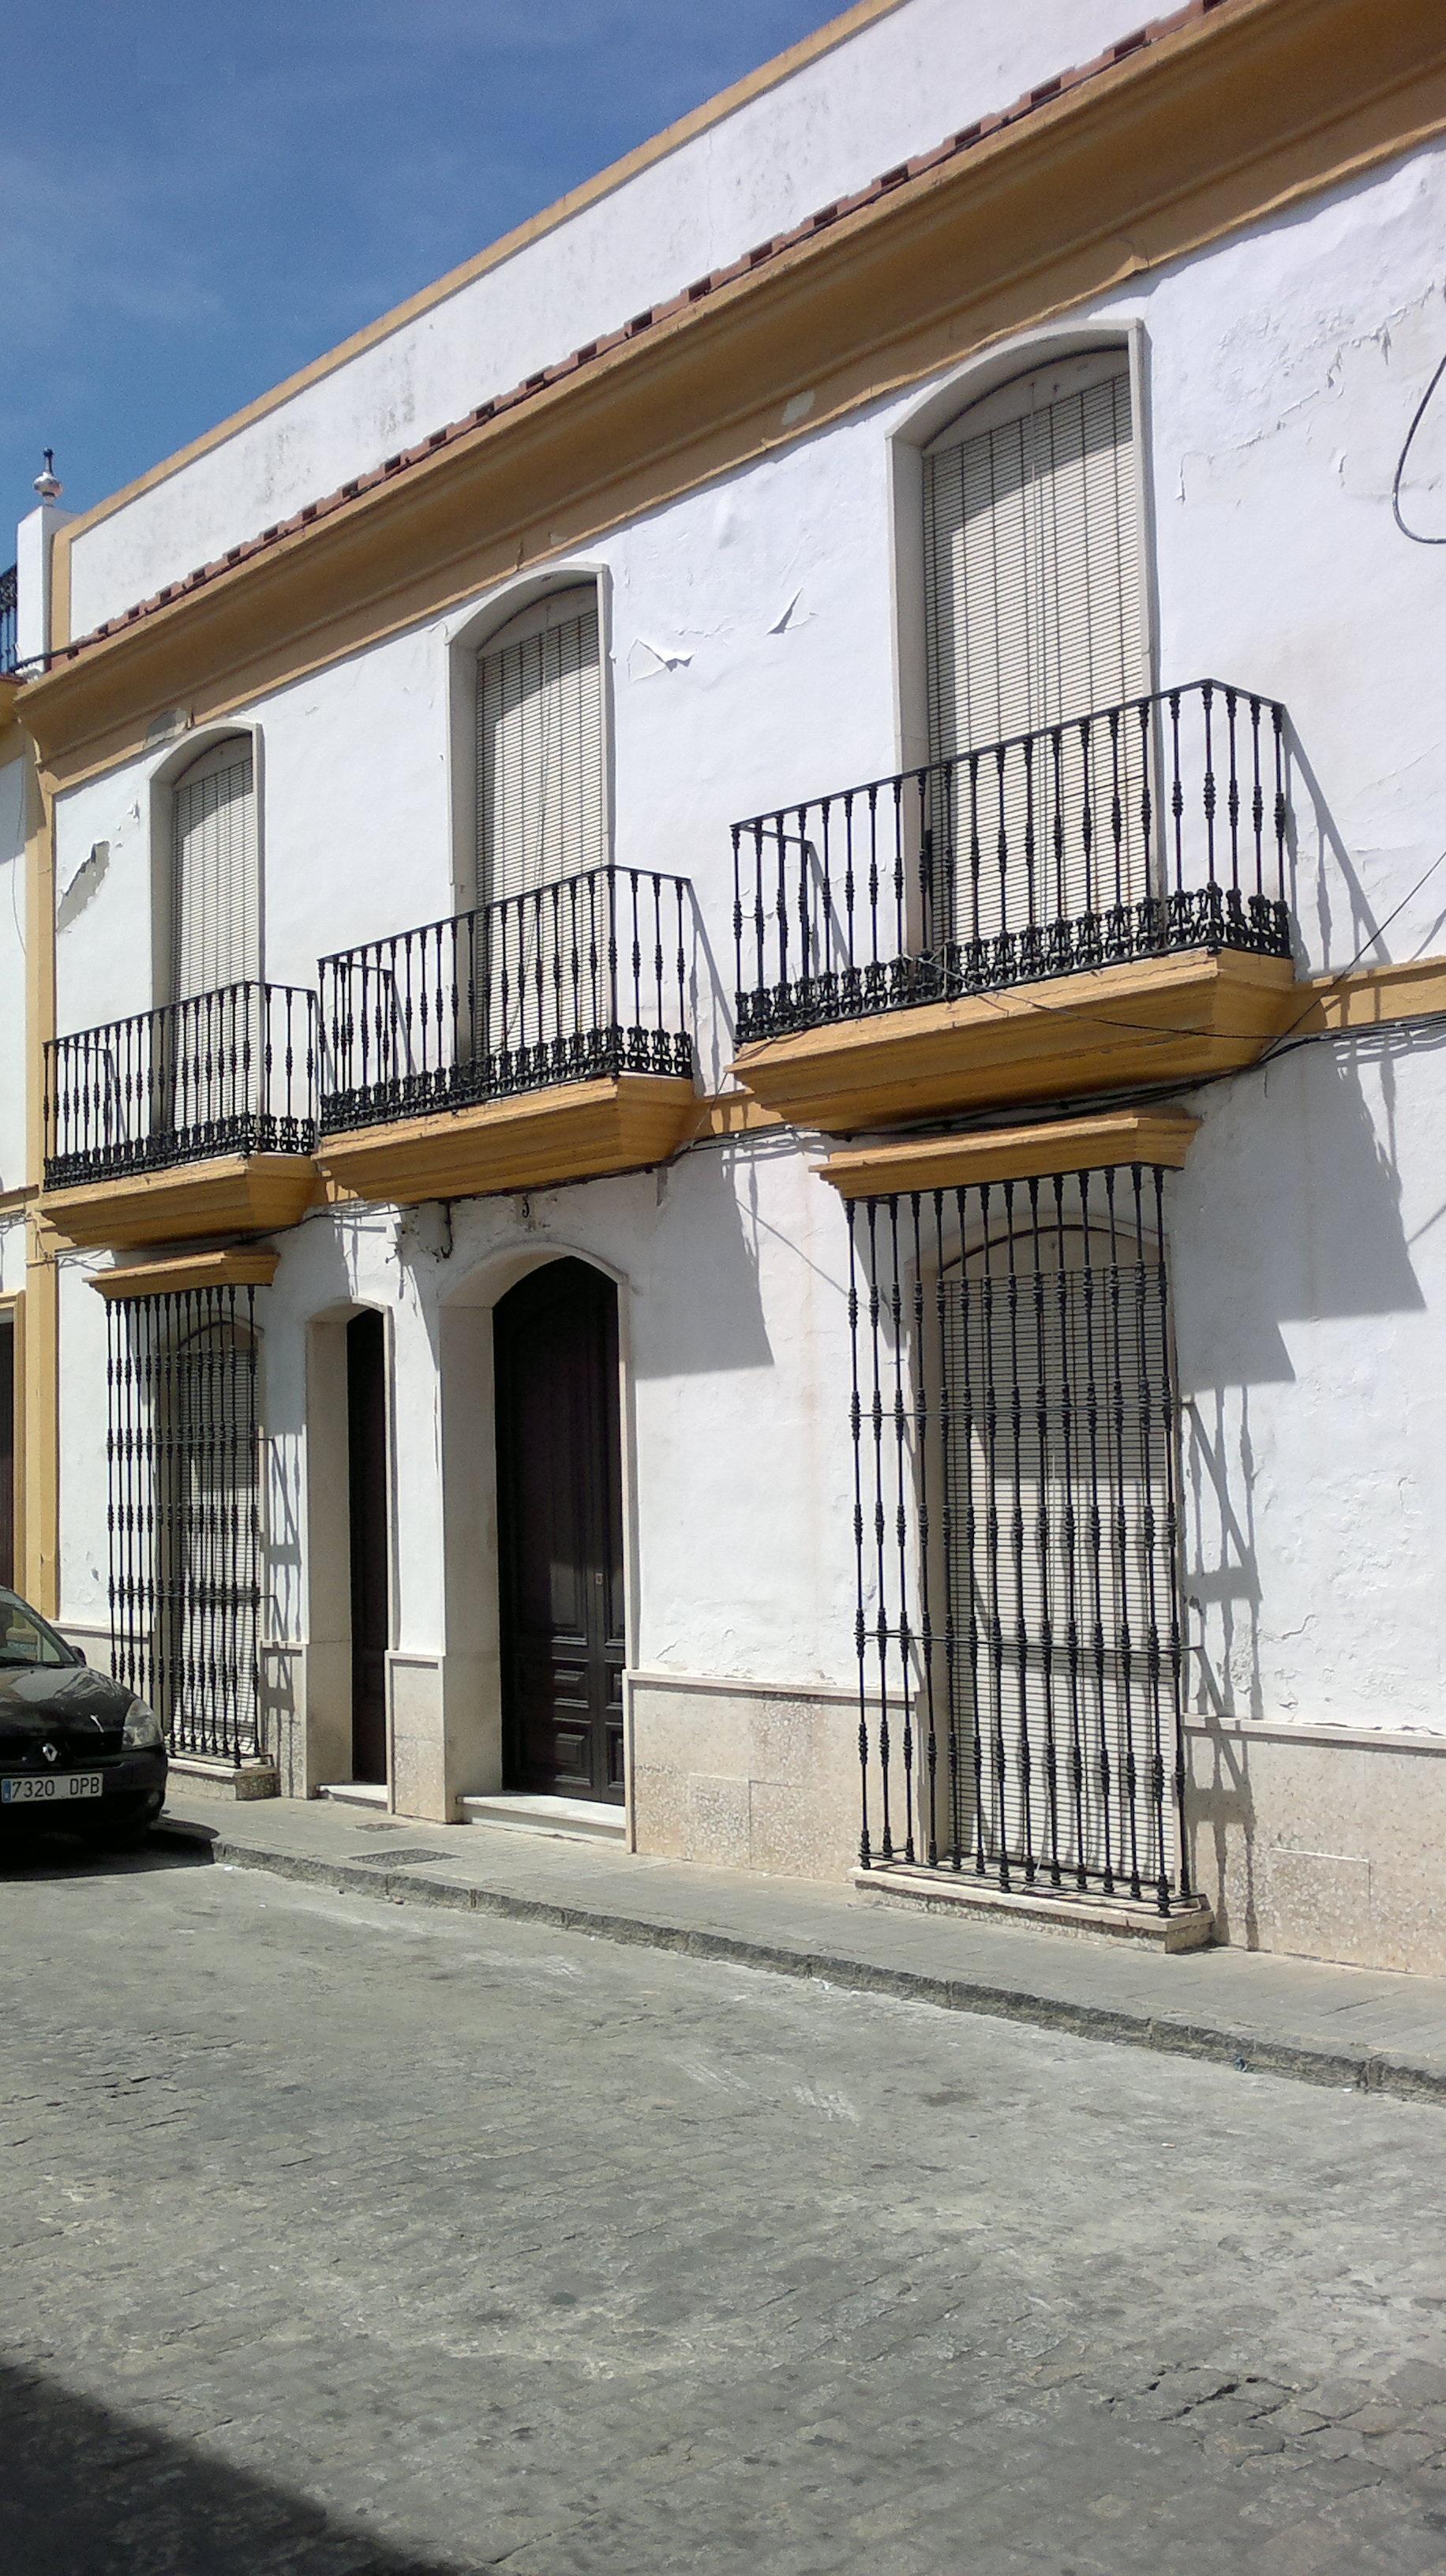 Casa C/Aceña donde vivió entre 1905-1913.